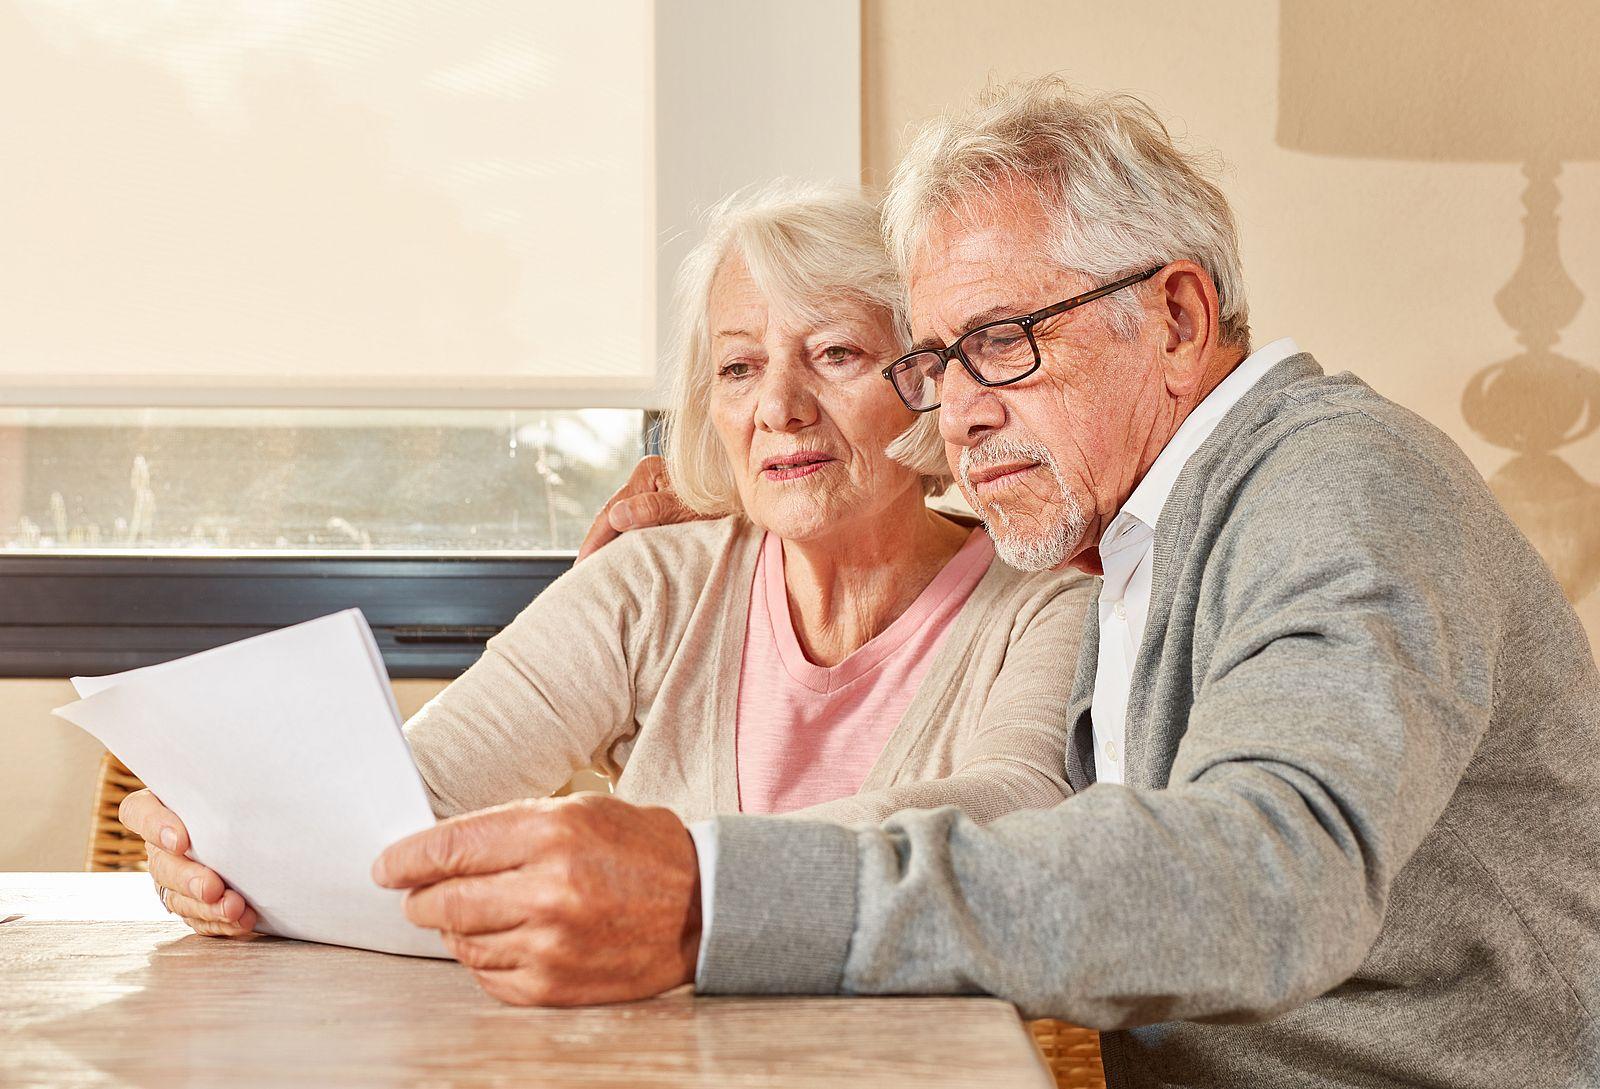 ZUS zapowiada wypłatę dodatkowej emerytury. Nie wszyscy dostaną tzw. czternastkę. Kto powinien złożyć wniosek? - Zdjęcie główne